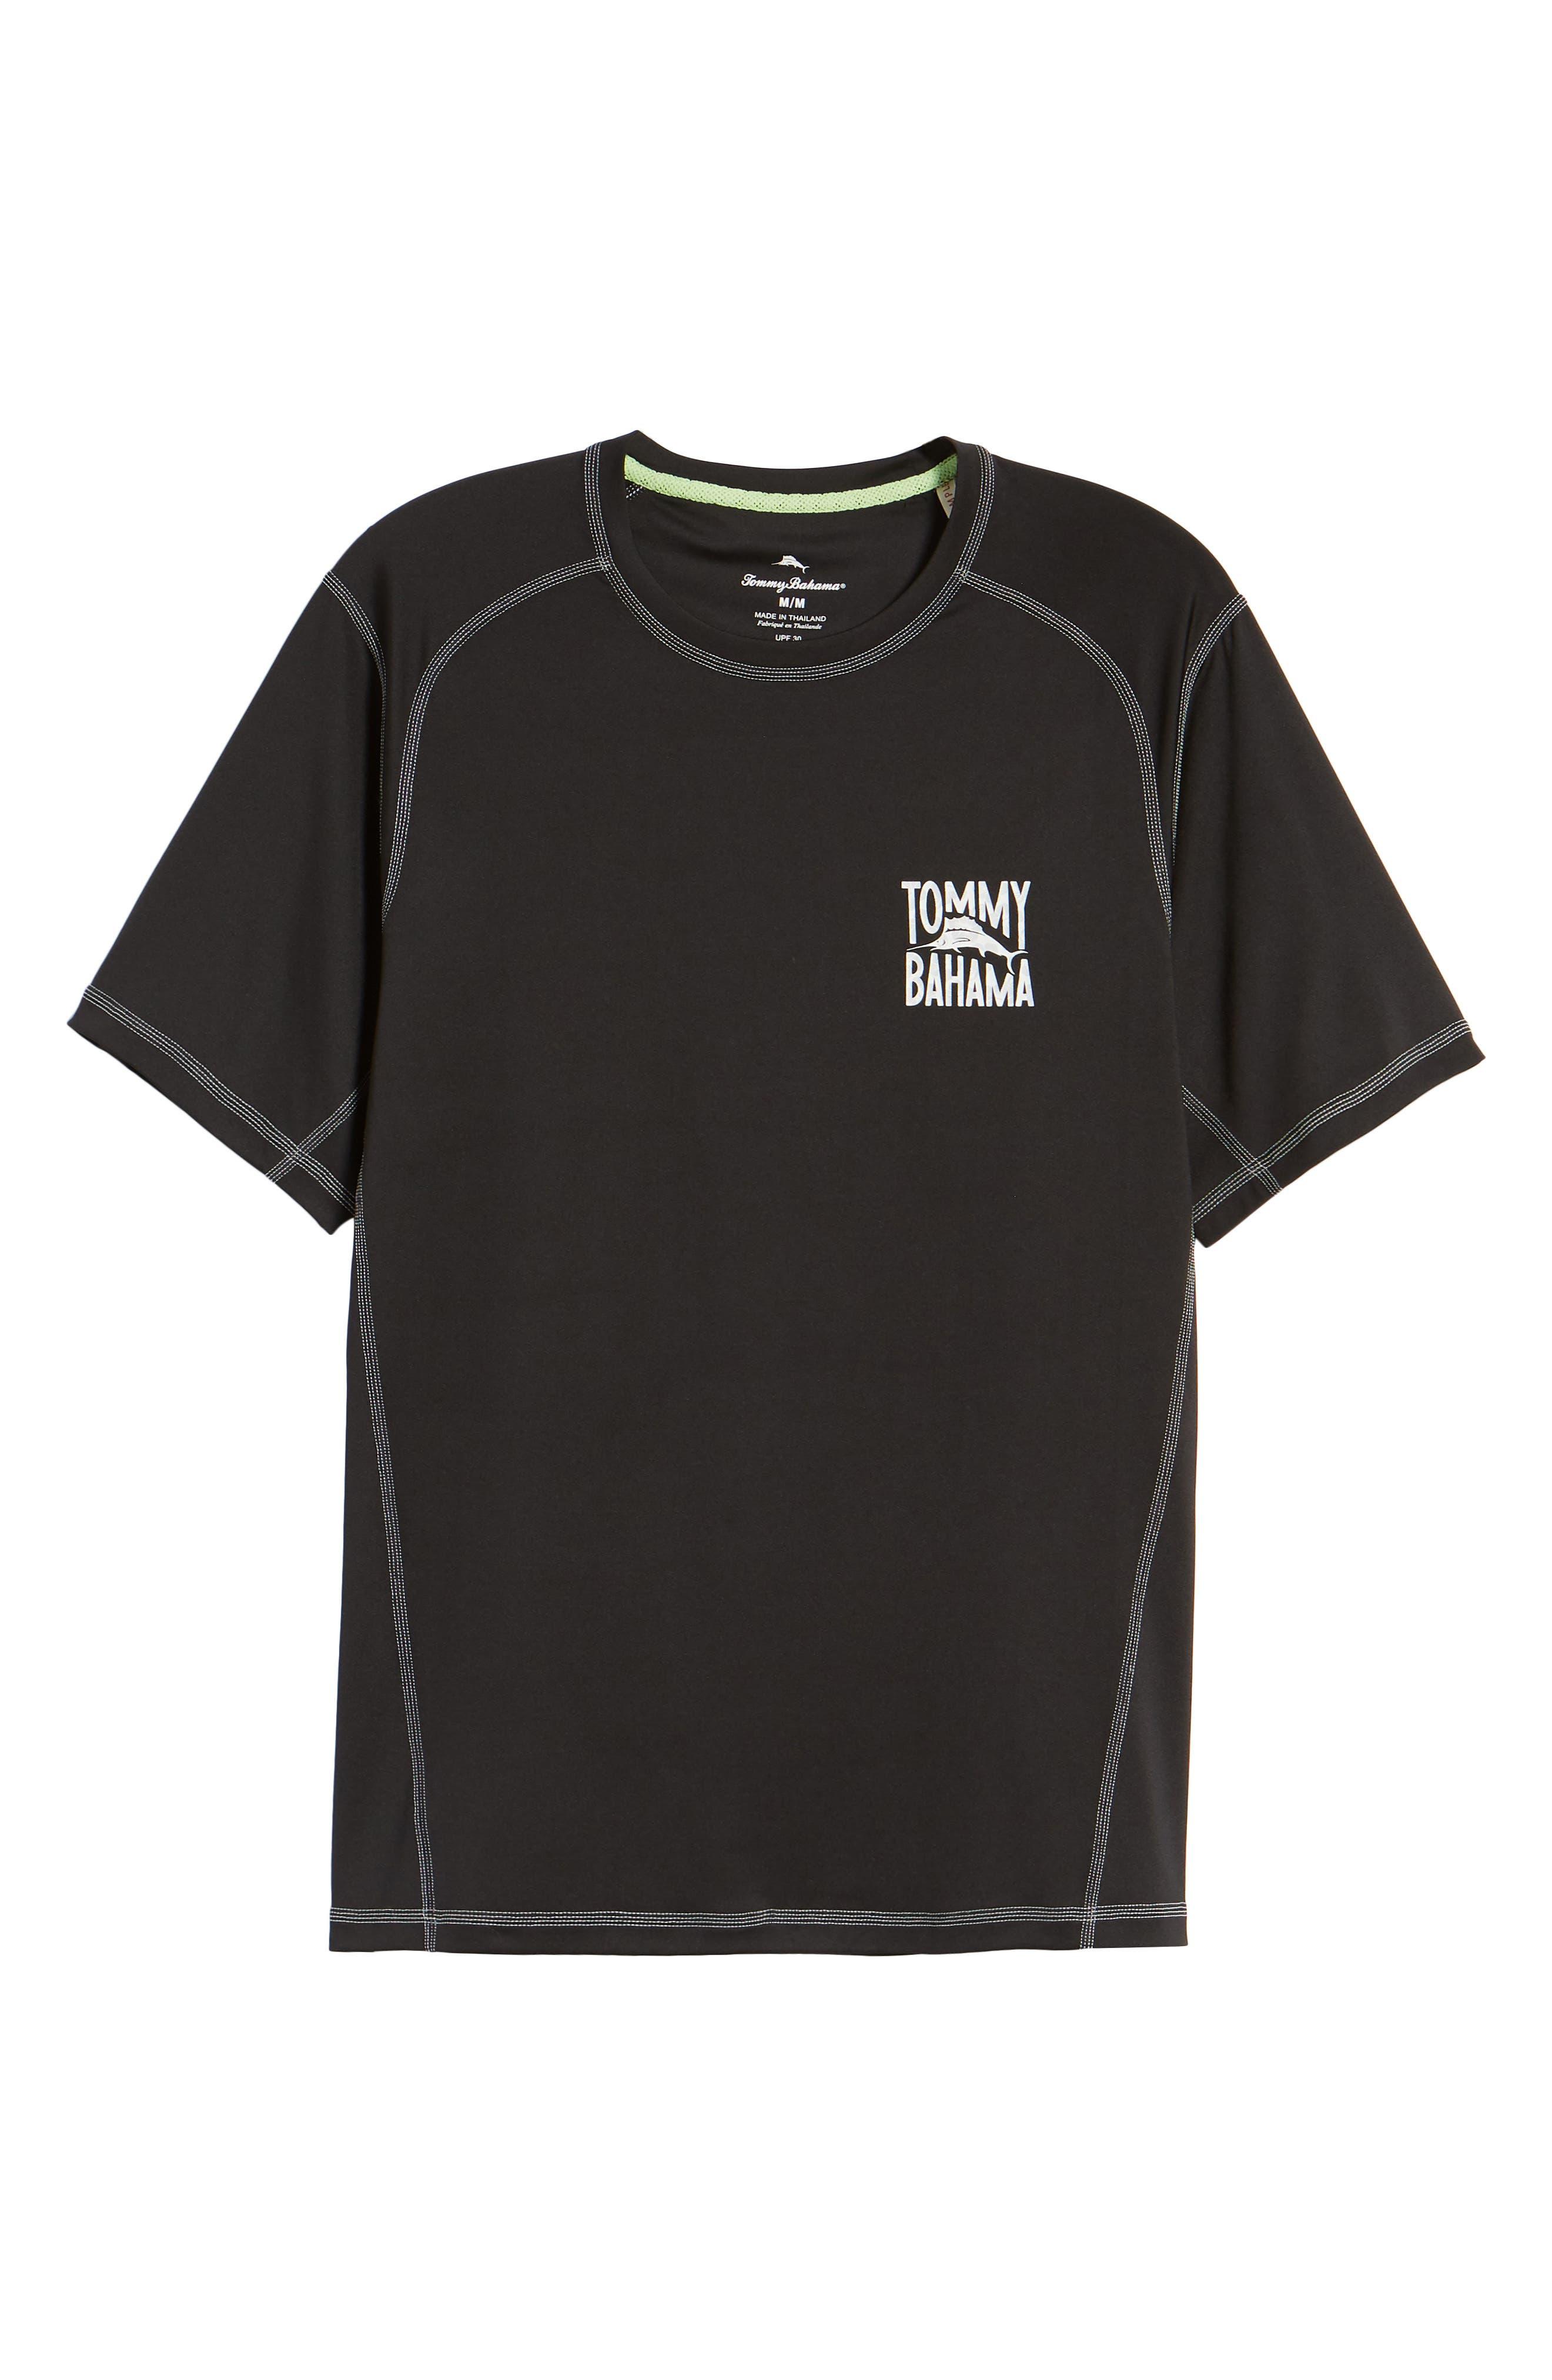 IslandActive<sup>™</sup> Beach Pro Rashguard T-Shirt,                             Alternate thumbnail 6, color,                             BLACK